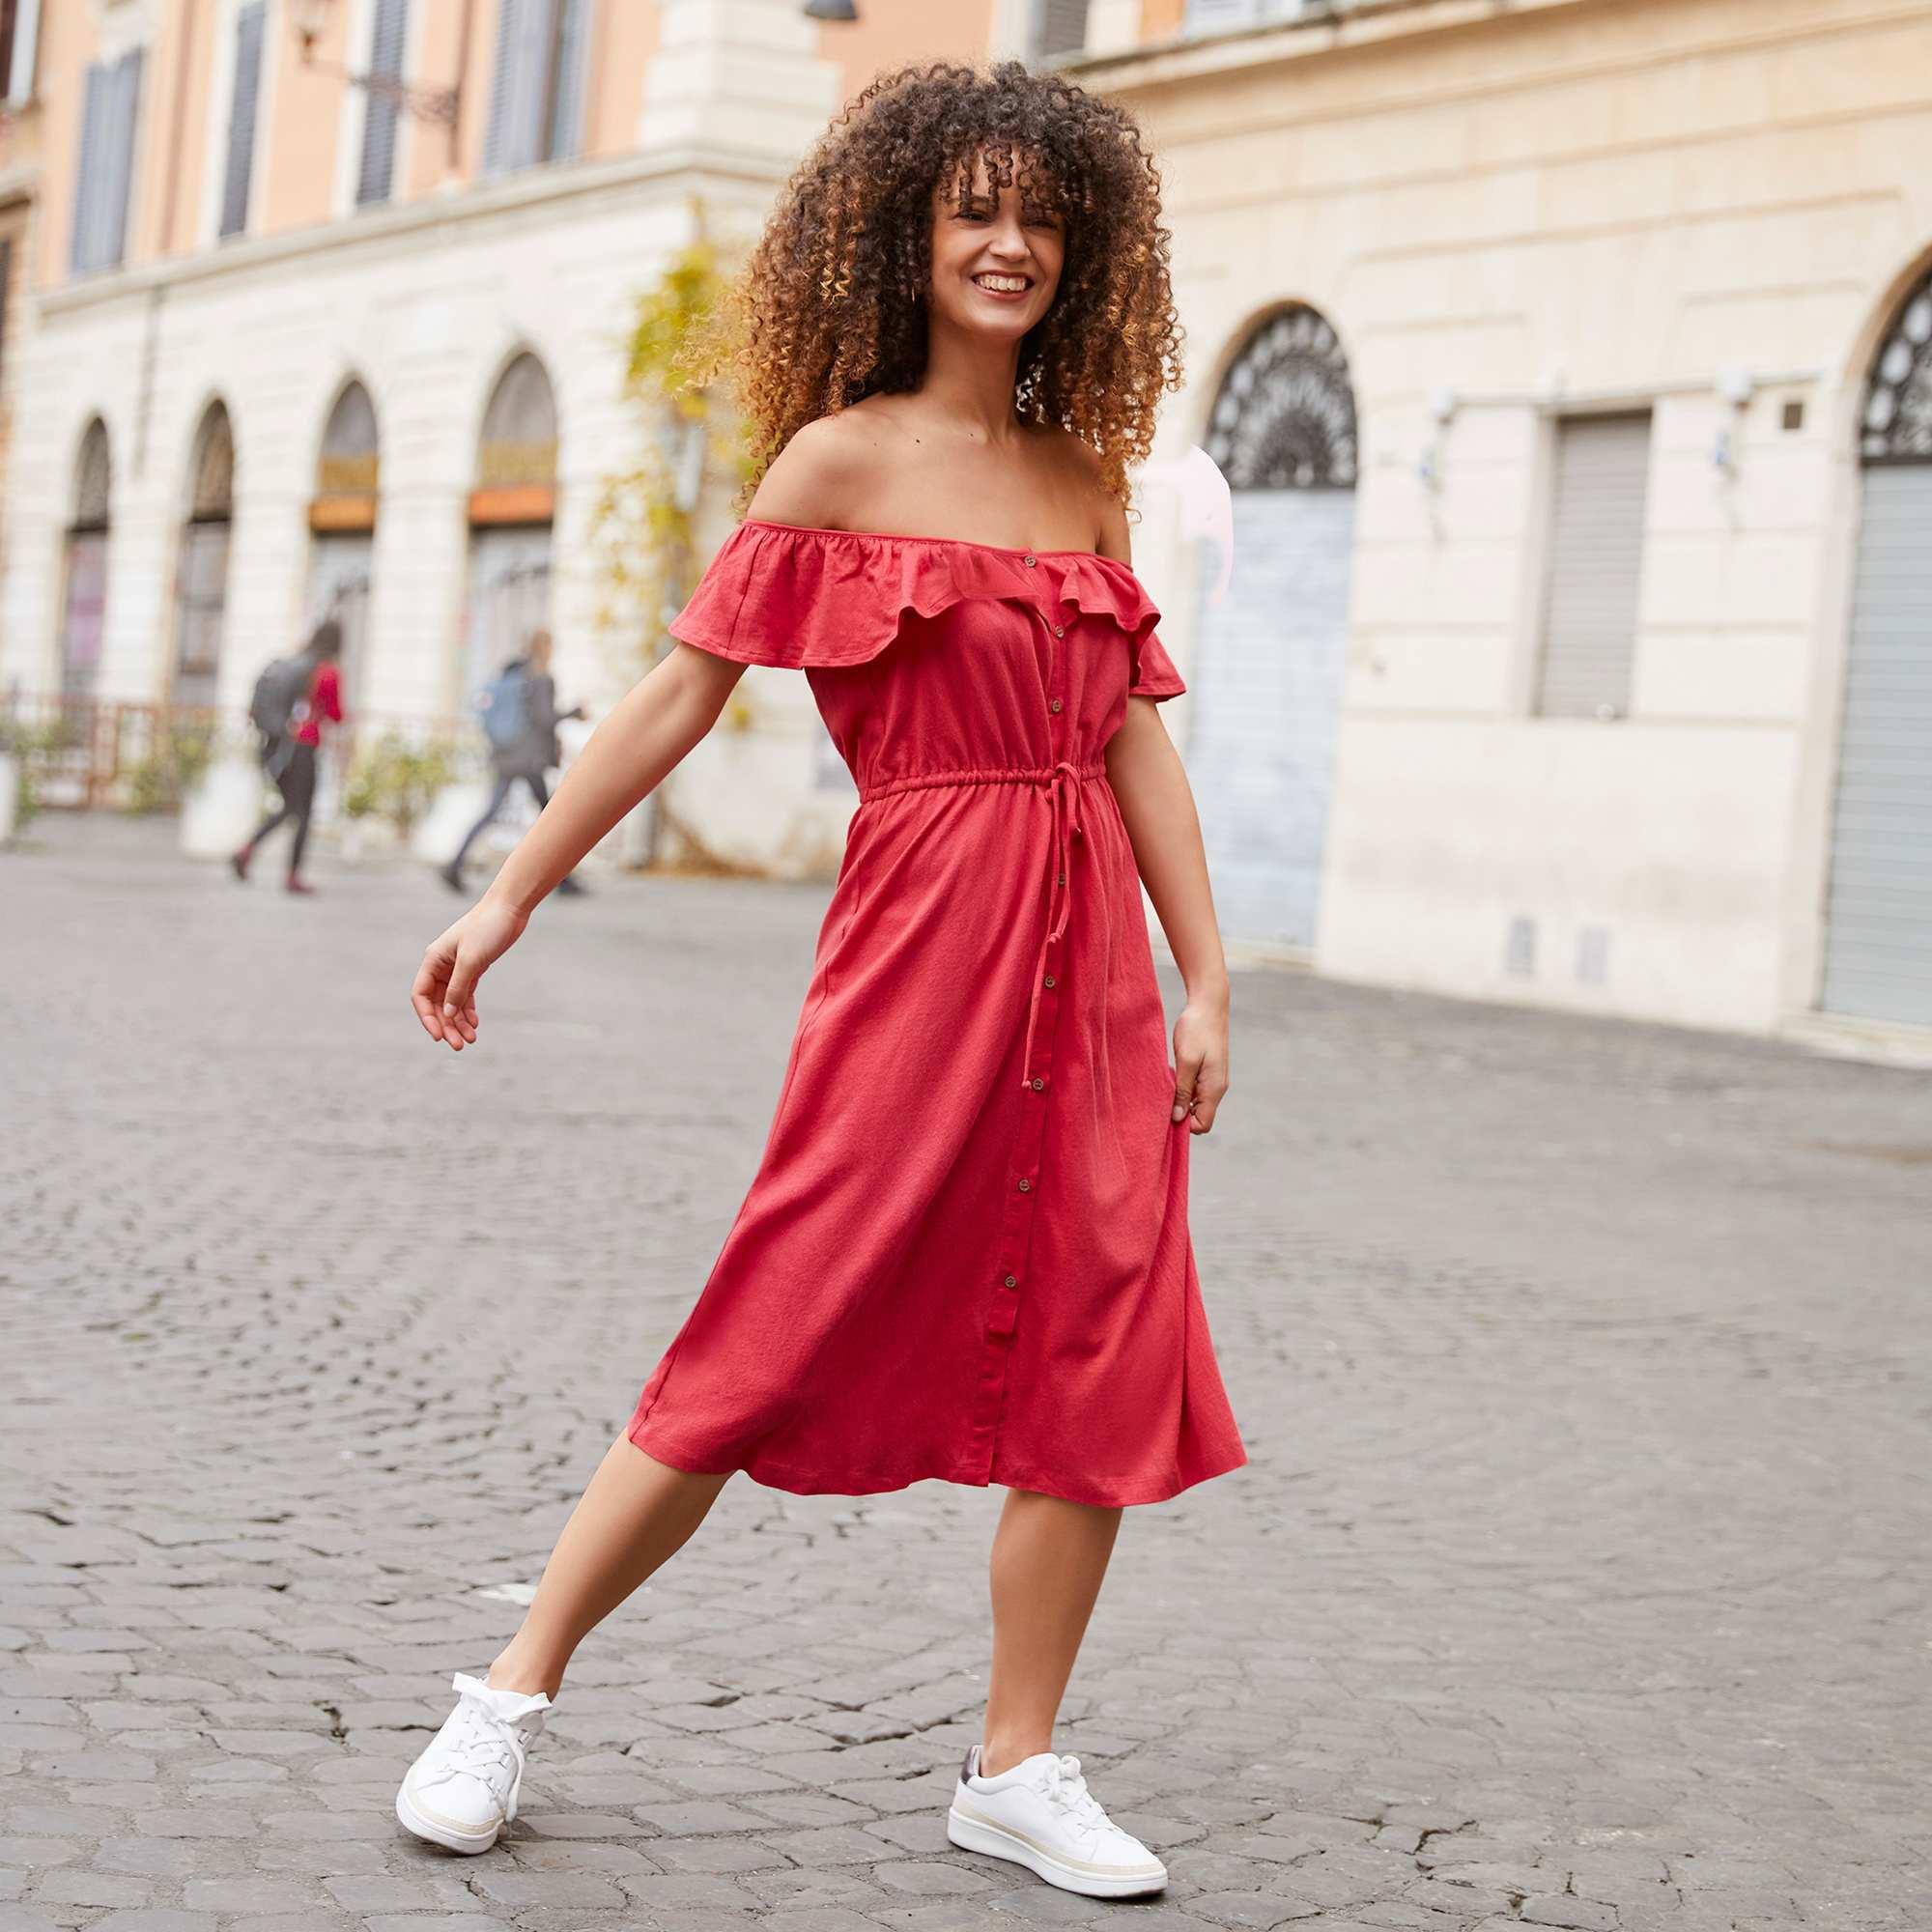 95f1e036304 Robe longue à encolure bardot Femme - rouge cerise - Kiabi - 15